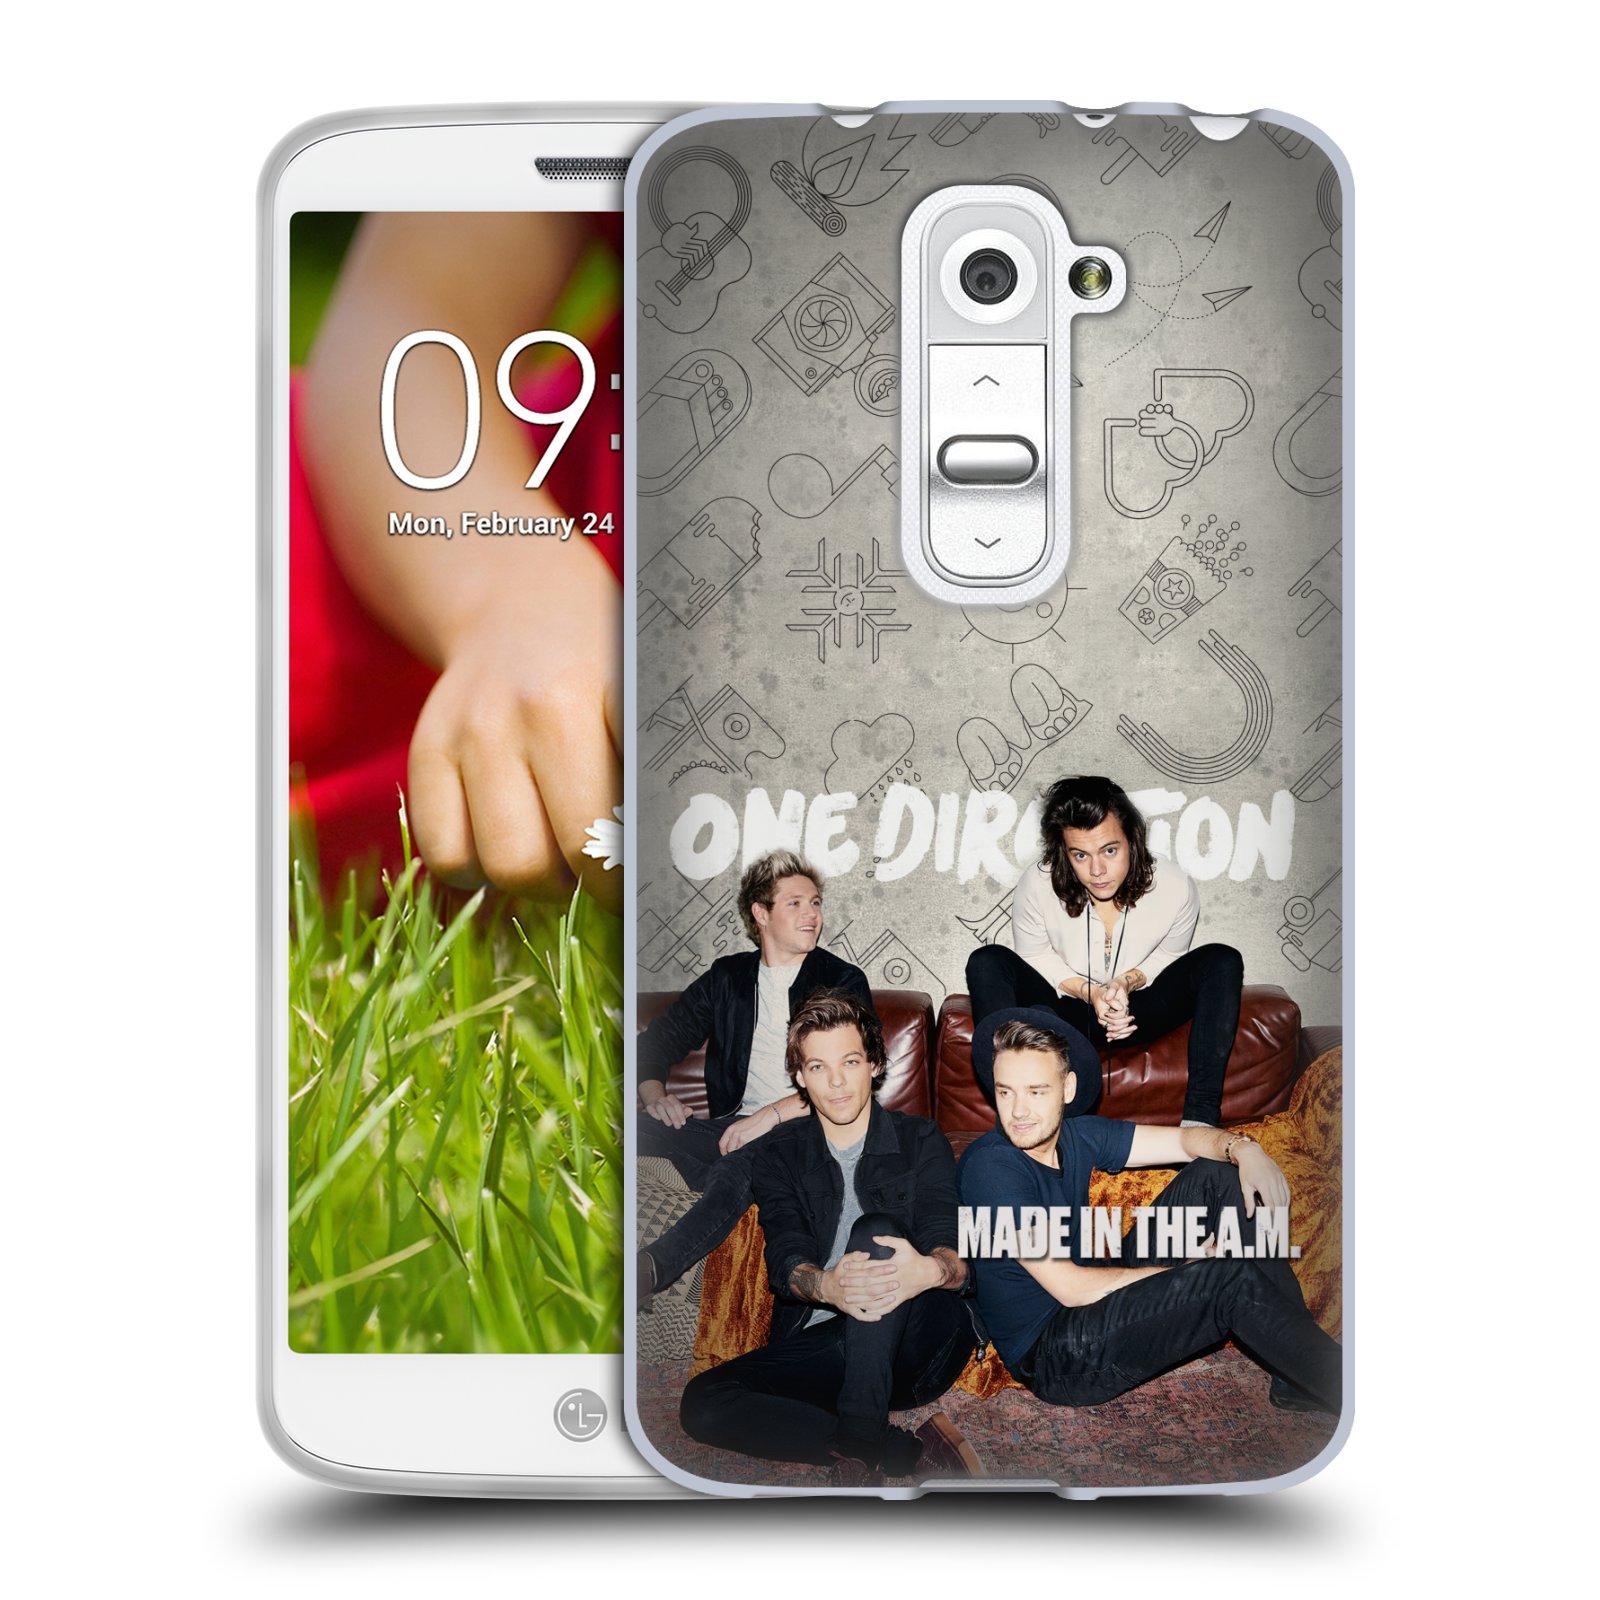 Silikonové pouzdro na mobil LG G2 Mini HEAD CASE One Direction - Na Gaučíku (Silikonový kryt či obal One Direction Official na mobilní telefon LG G2 Mini D620)